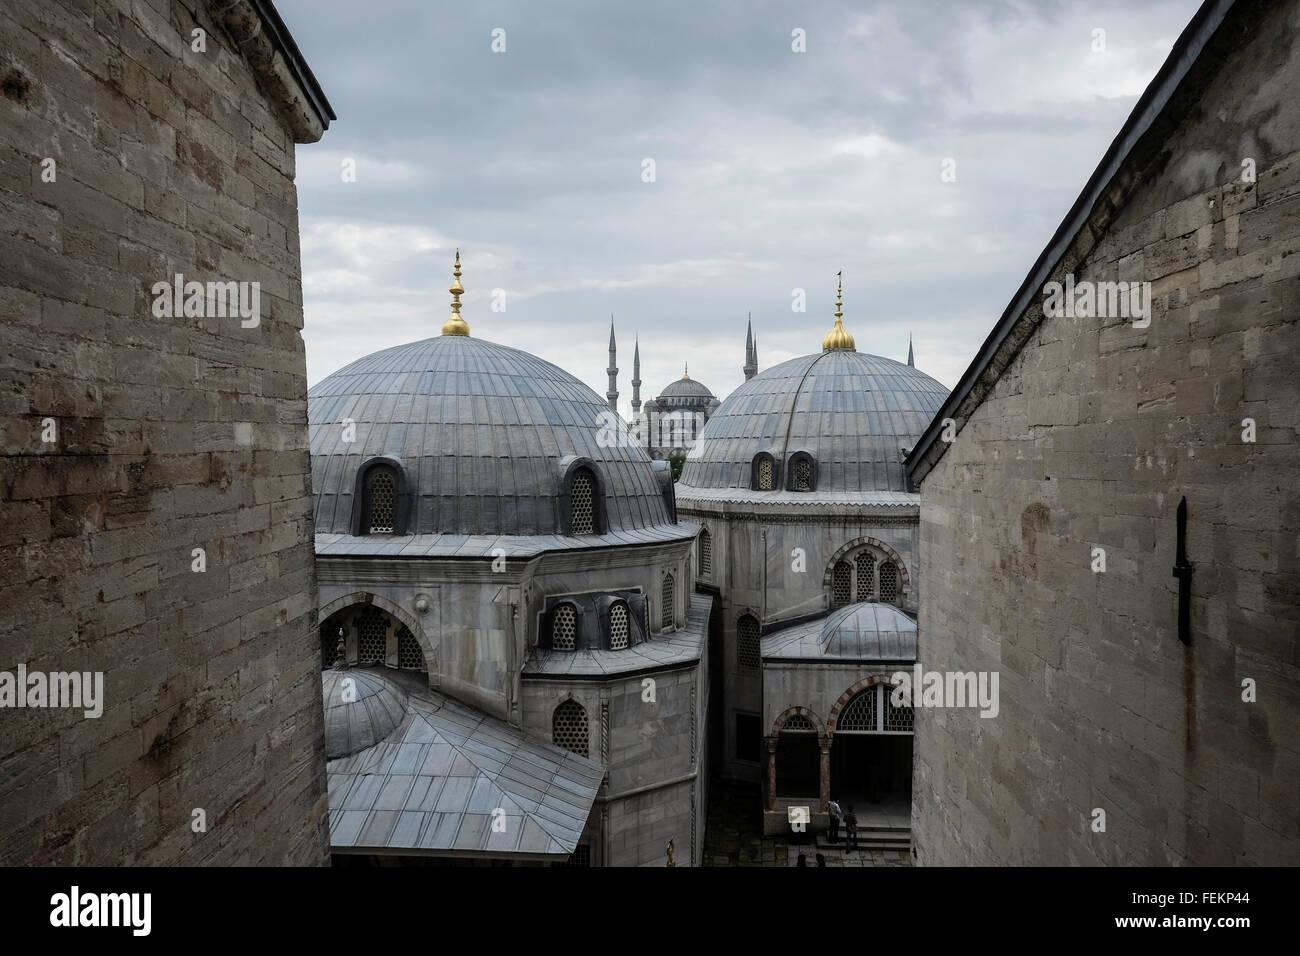 Die blaue Moschee (Sultan Ahmet Camii), wie von der Hagia Sophia, Istanbul, Türkei am 3. Mai 2015 zu sehen. Stockbild